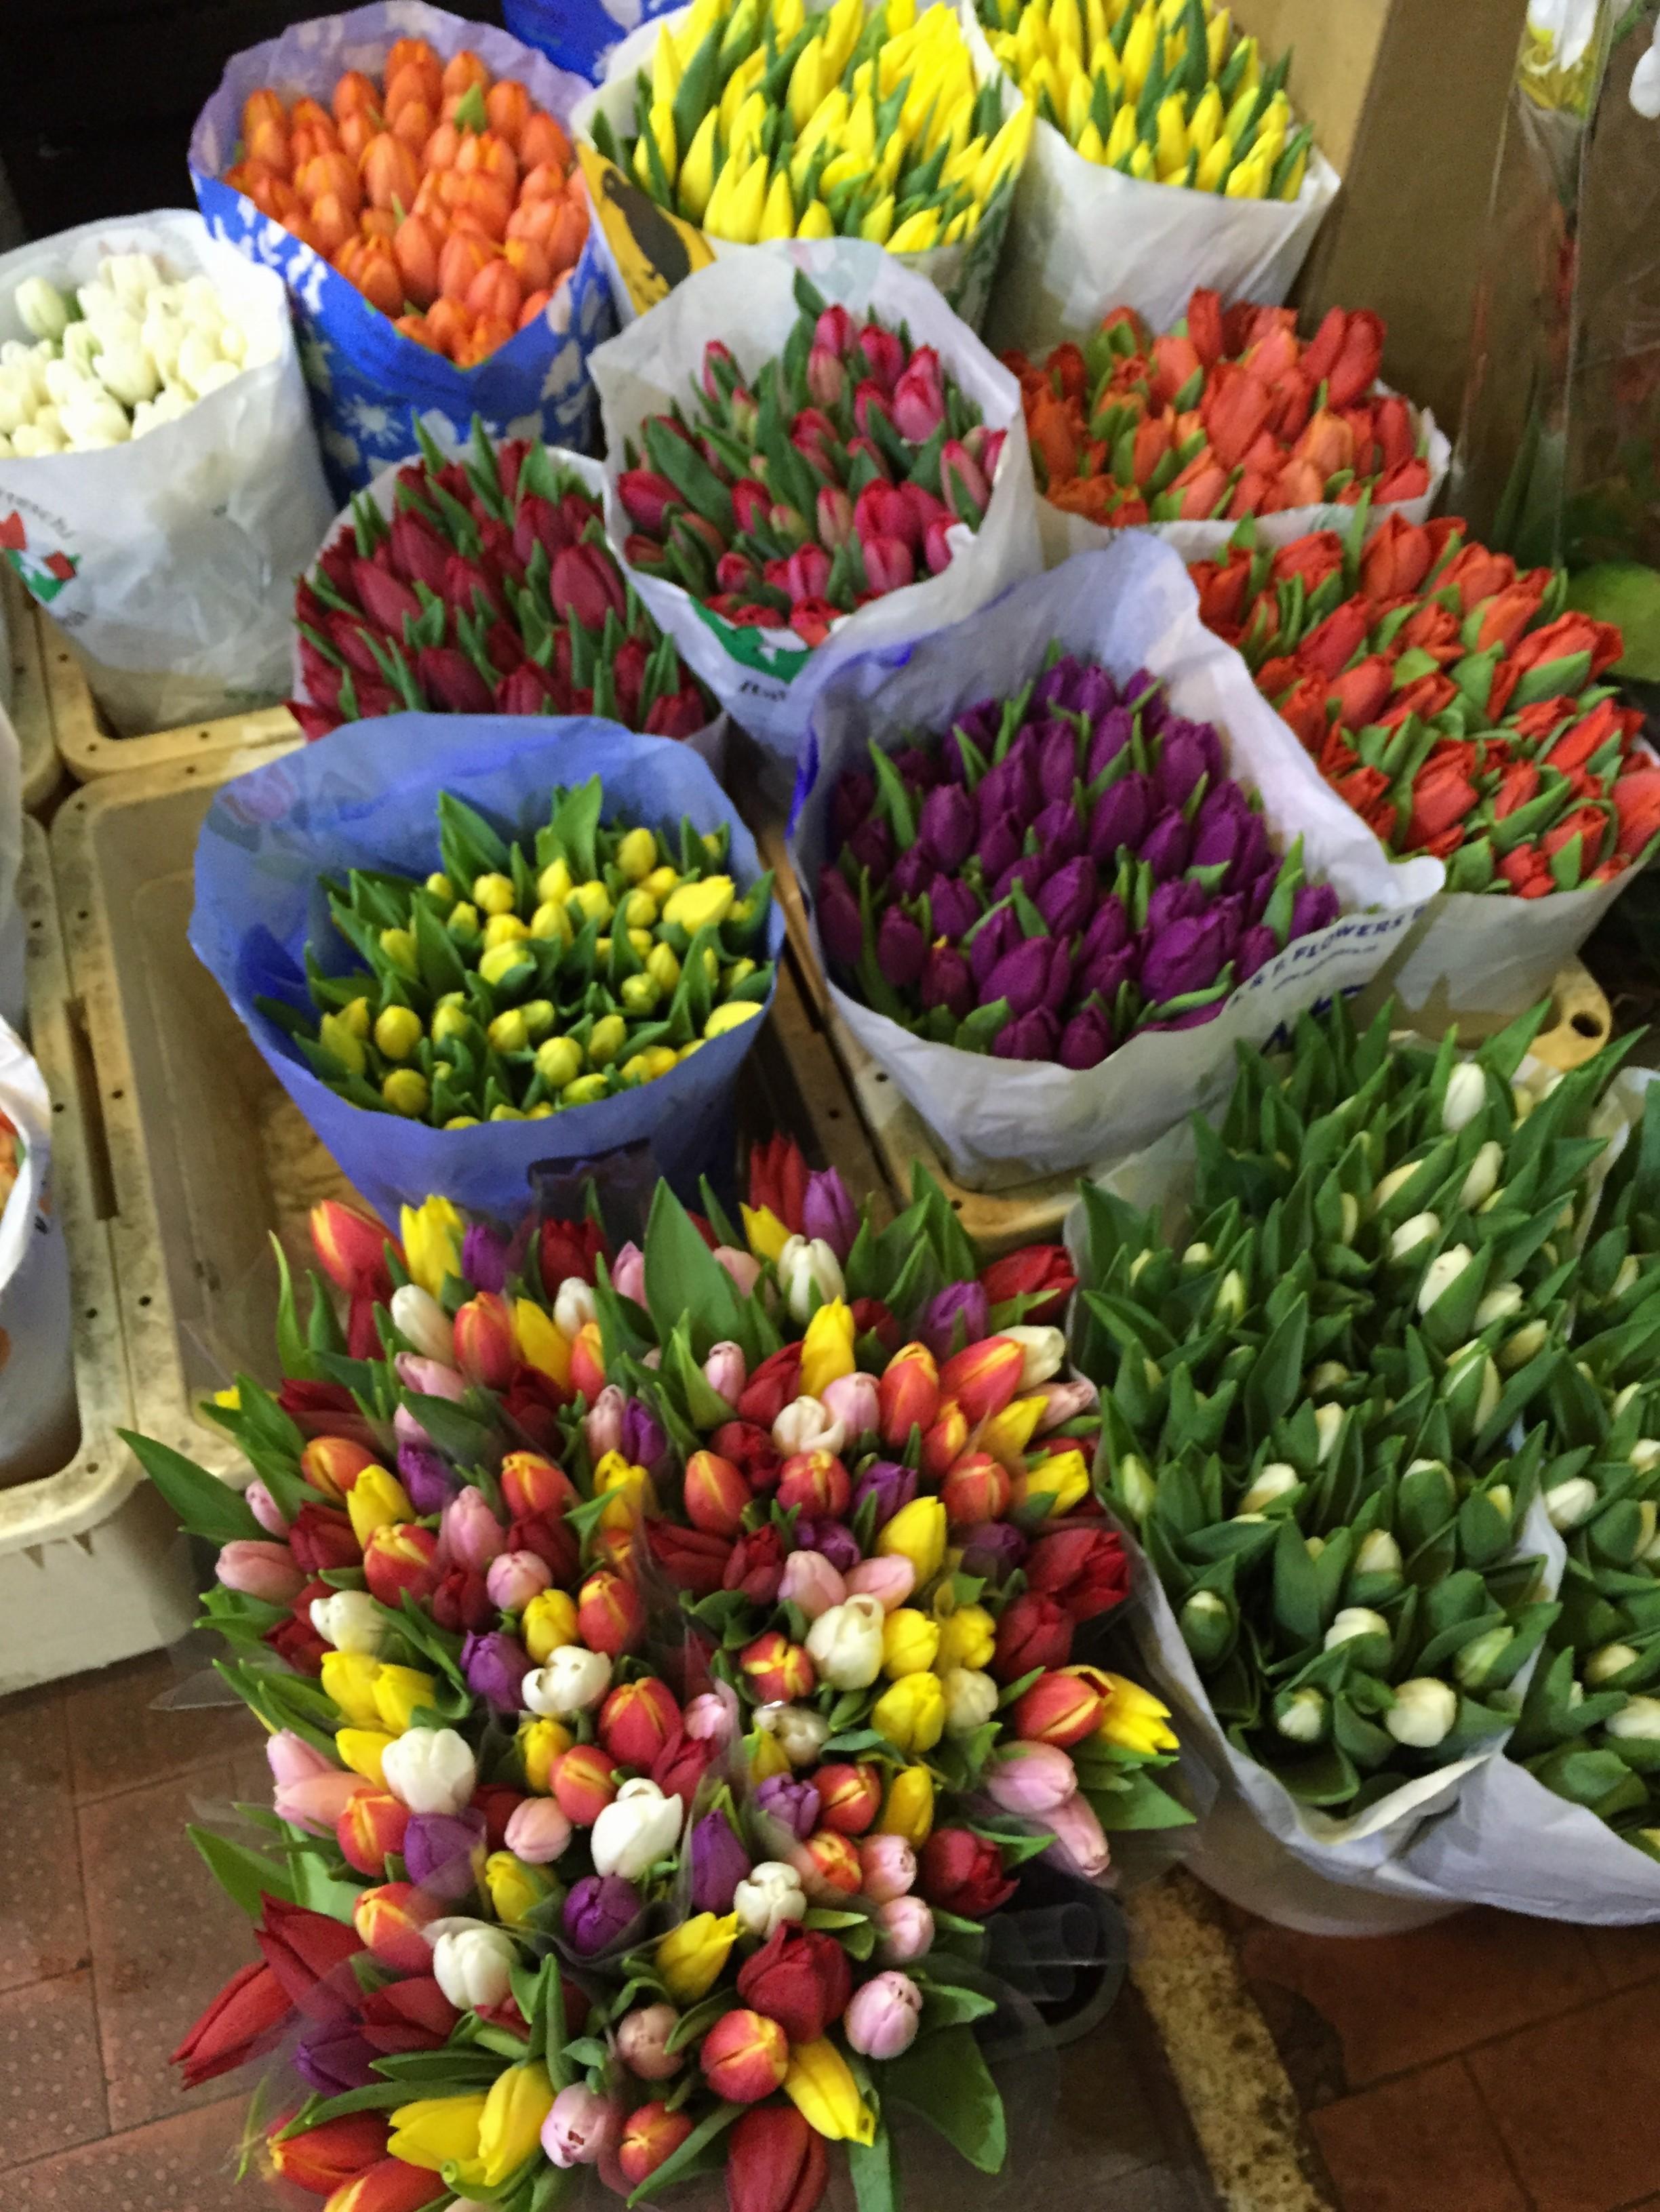 Ingrosso fiori roma il mercato all ingrosso dei fiori di roma for Piante artificiali economiche